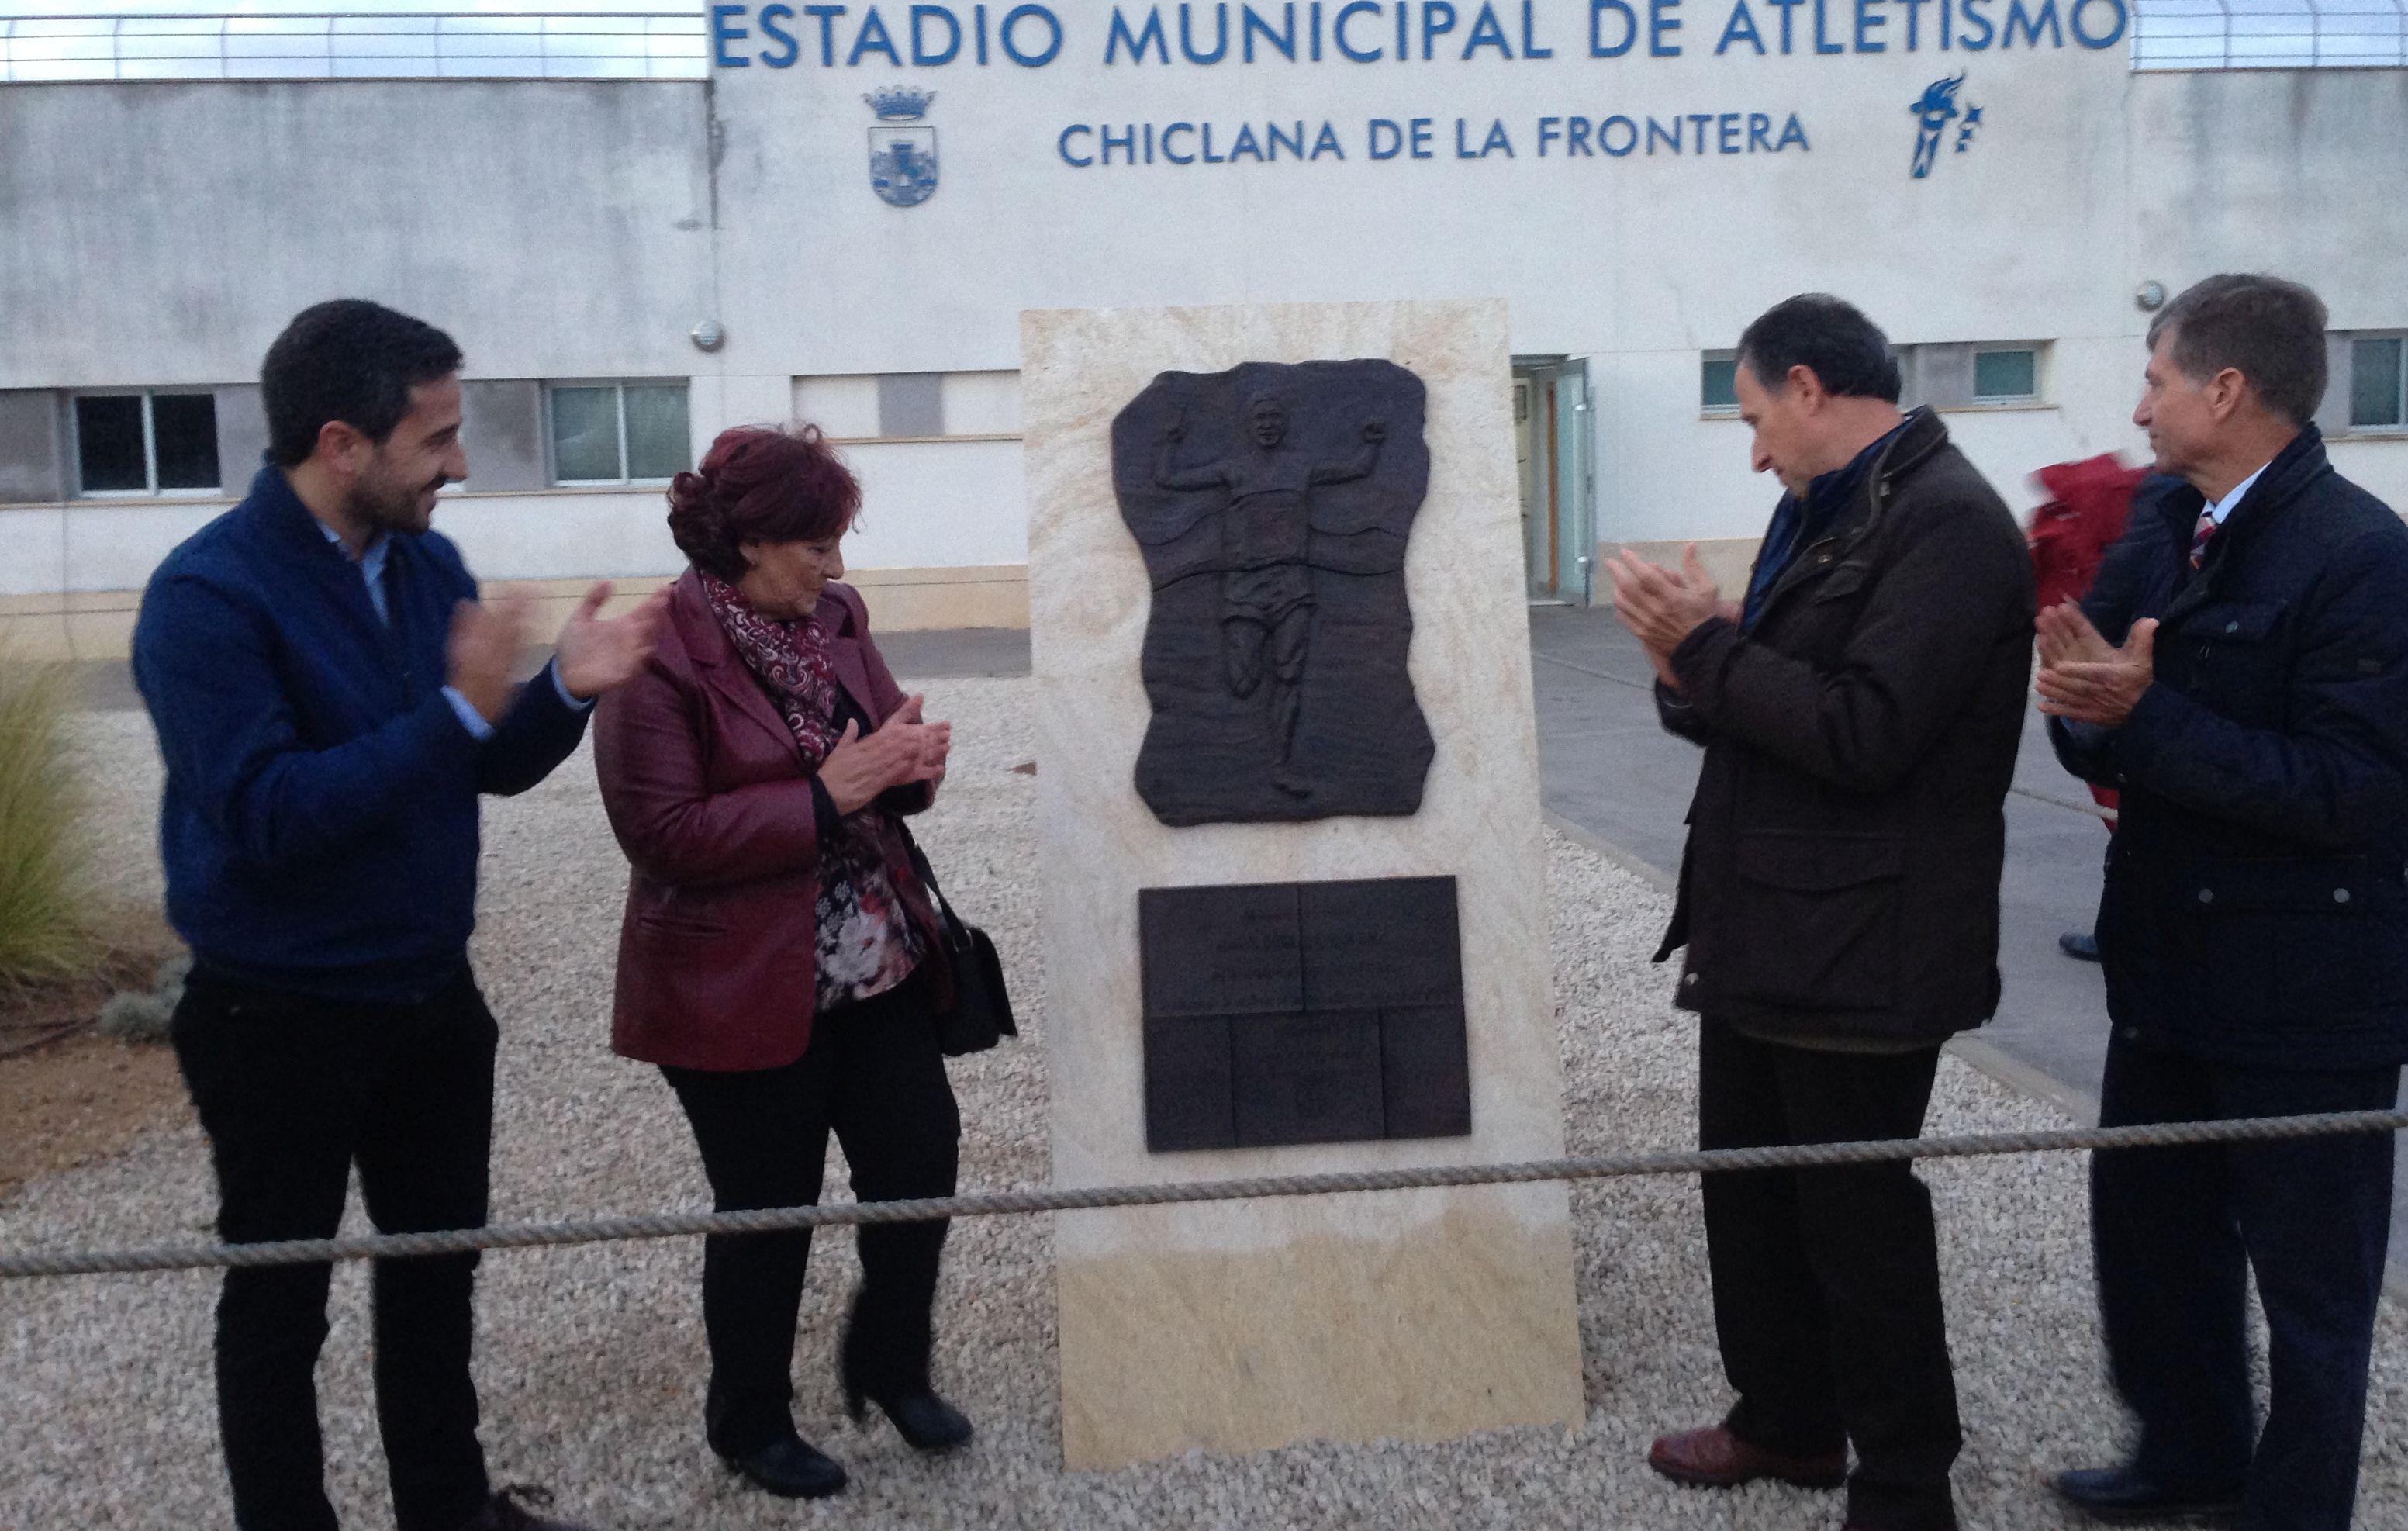 El alcalde y la viuda de Rafael Carmona Páez descubren el monolito en la puerta del estadio de atletismo.